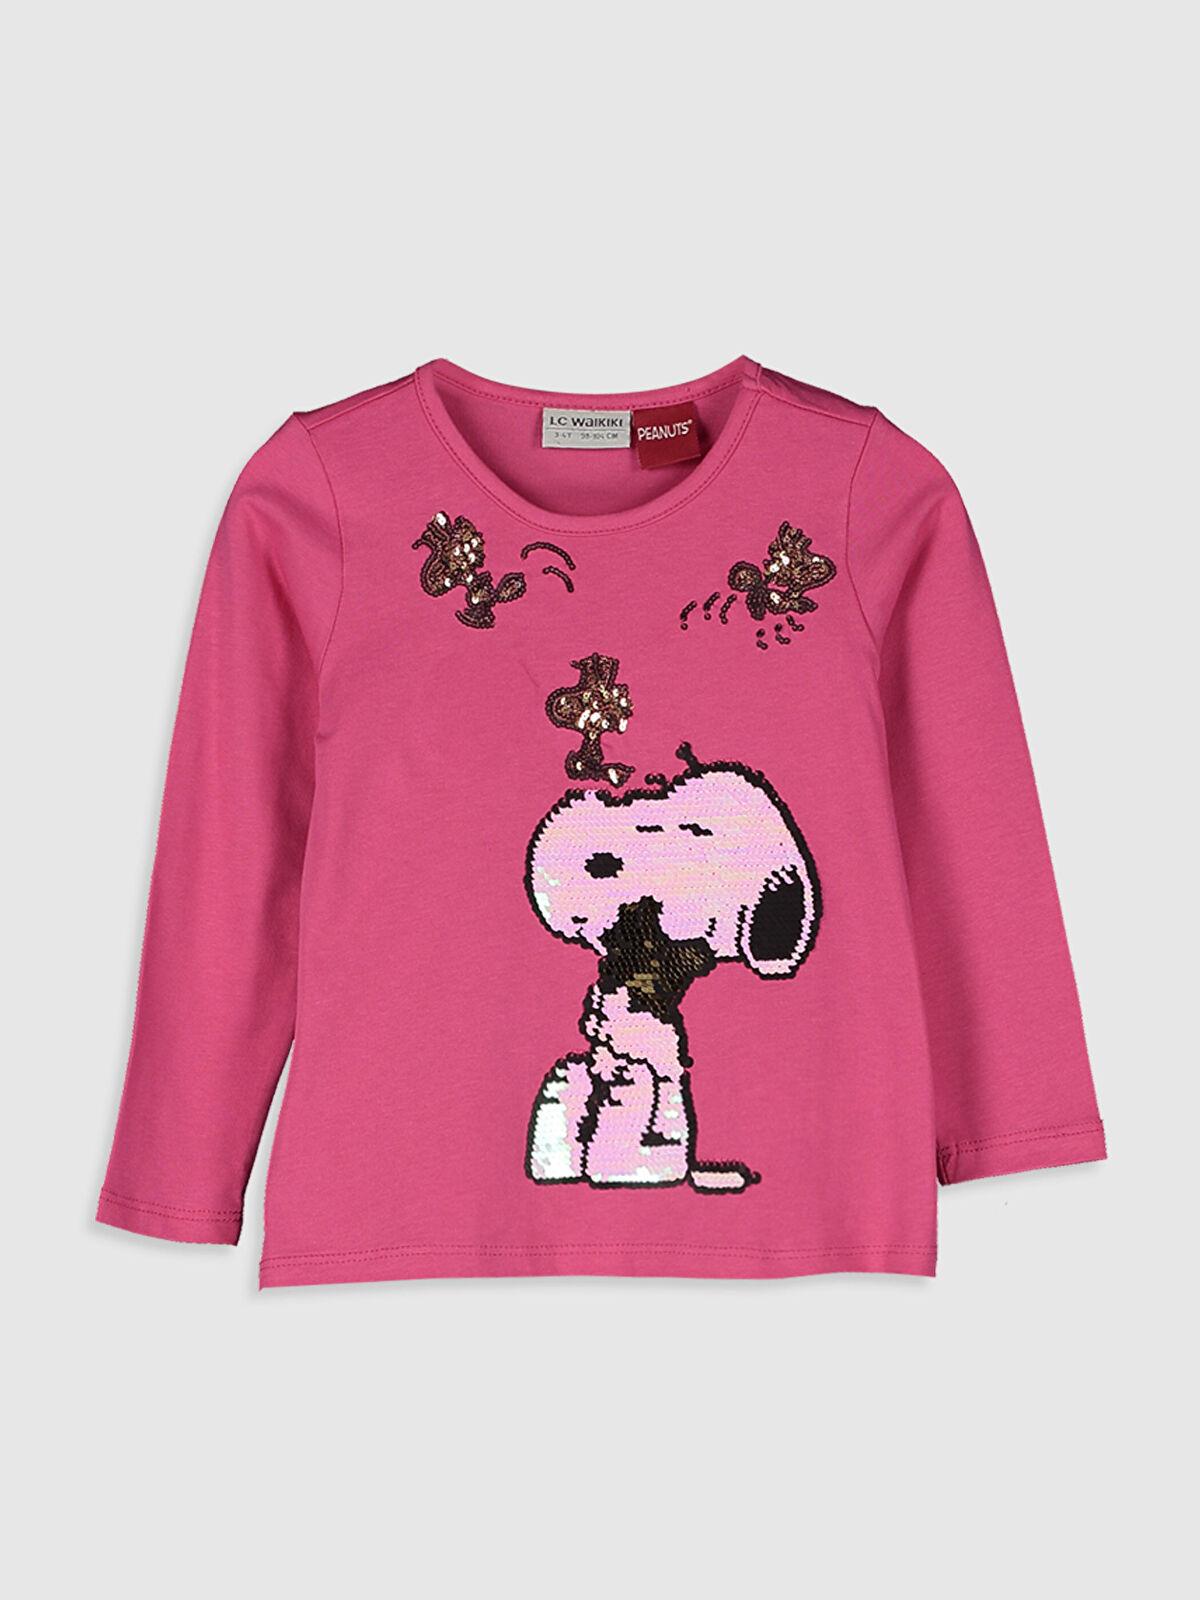 Kız Çocuk Çift Yönlü Payetli Snoopy Tişört - LC WAIKIKI